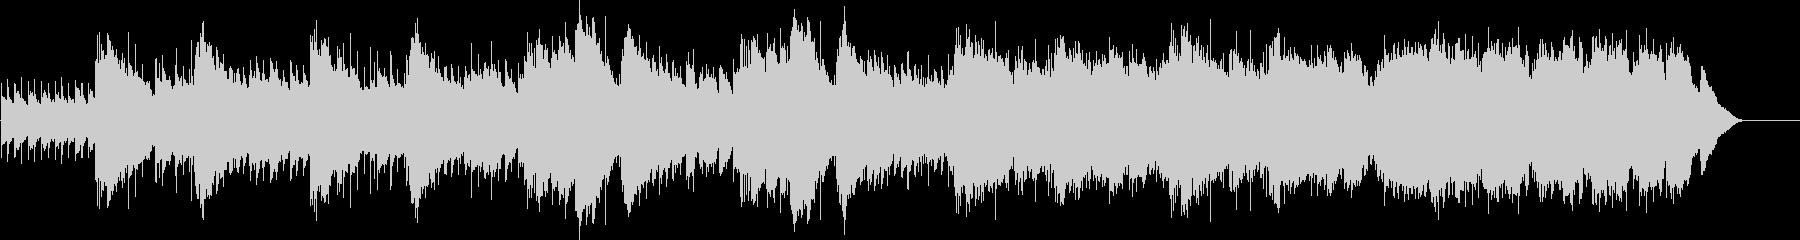 第6曲 中国の踊り(オルゴール)の未再生の波形